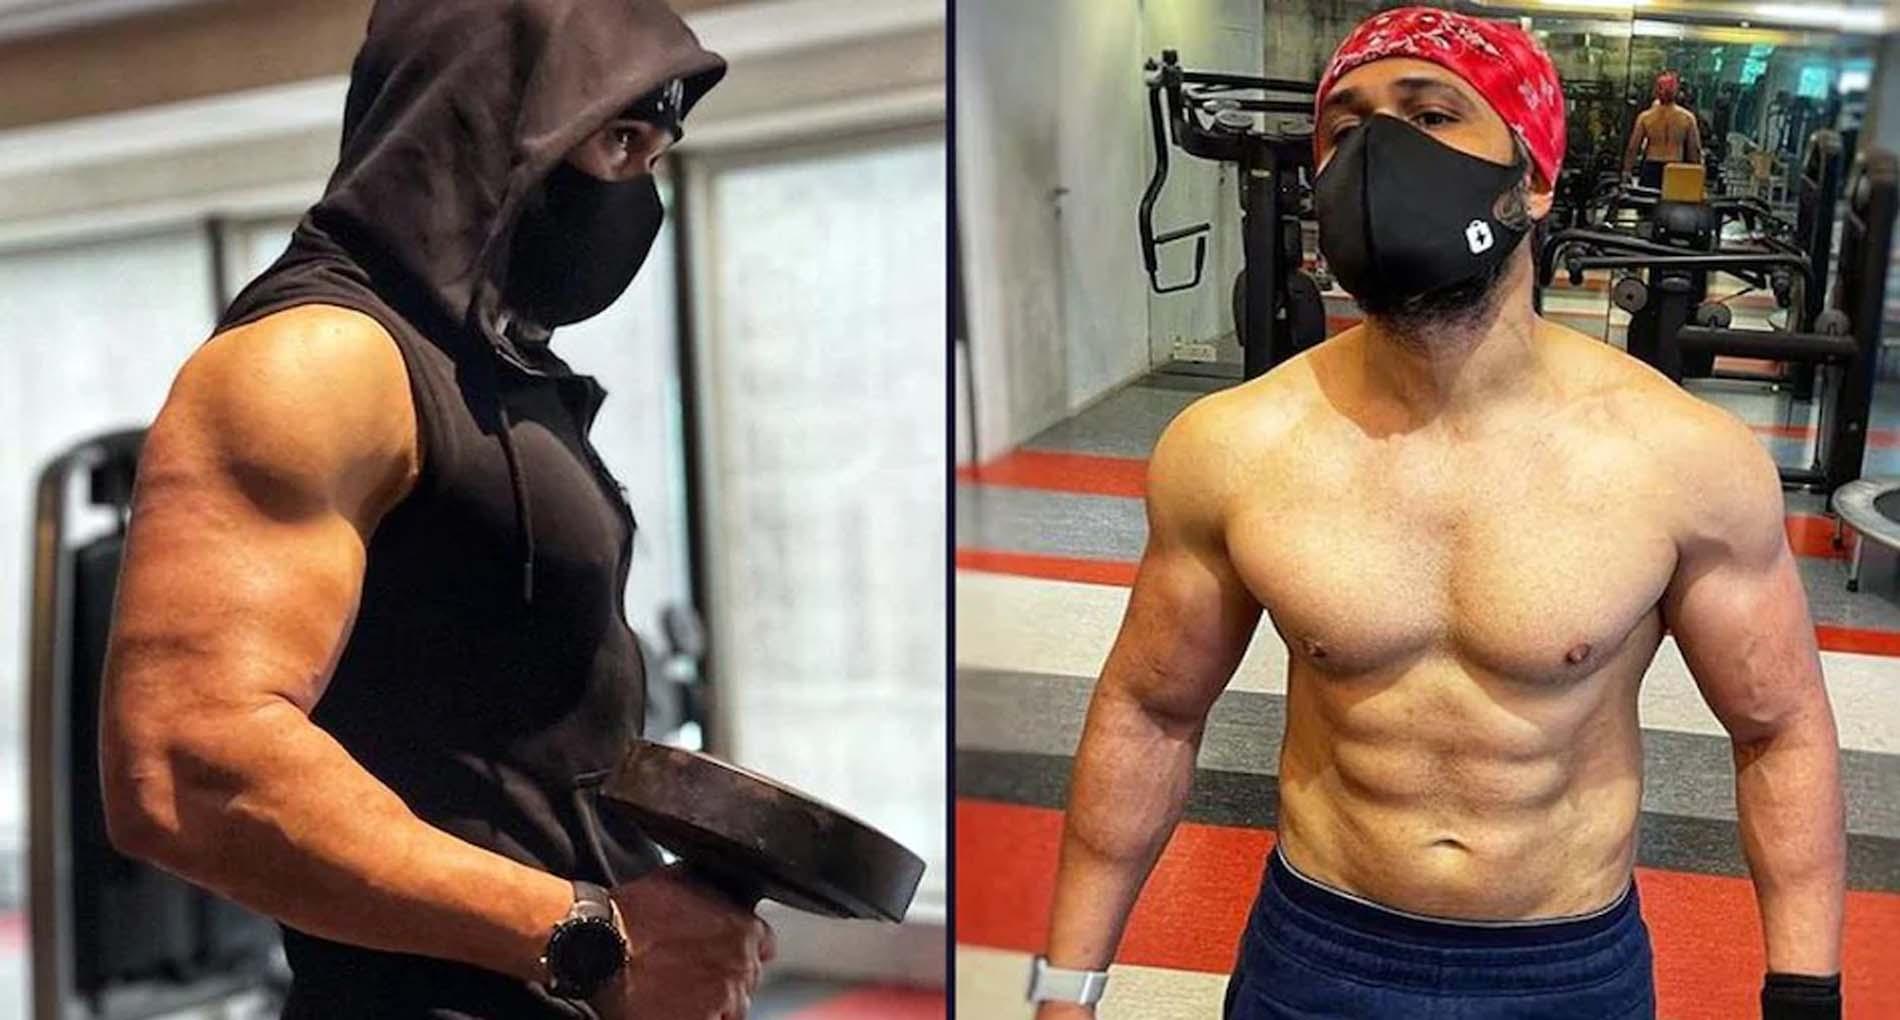 इमरान हाशमी का जबरदस्त ट्रॉन्सफॉर्मेशन, सलमान खान को देंगे टक्कर!